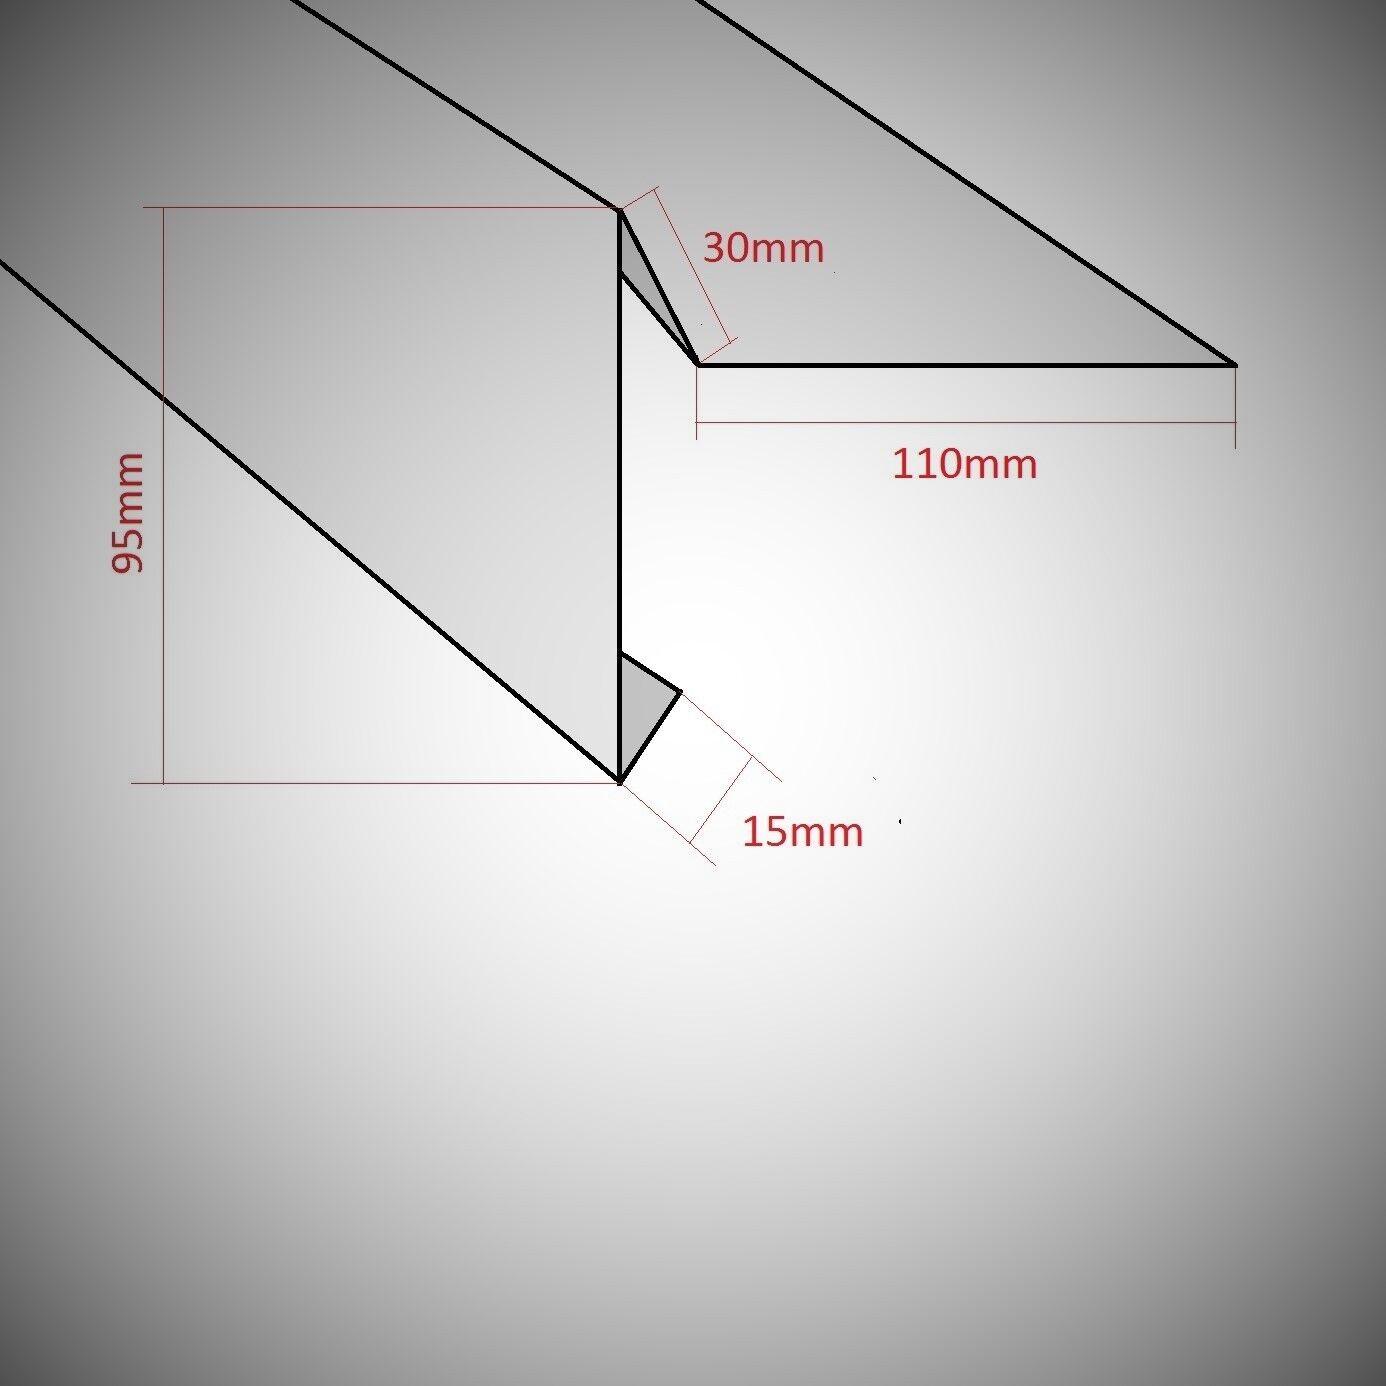 ortgangblech 1m 2m ortgang ortblech flachdach dachblech. Black Bedroom Furniture Sets. Home Design Ideas